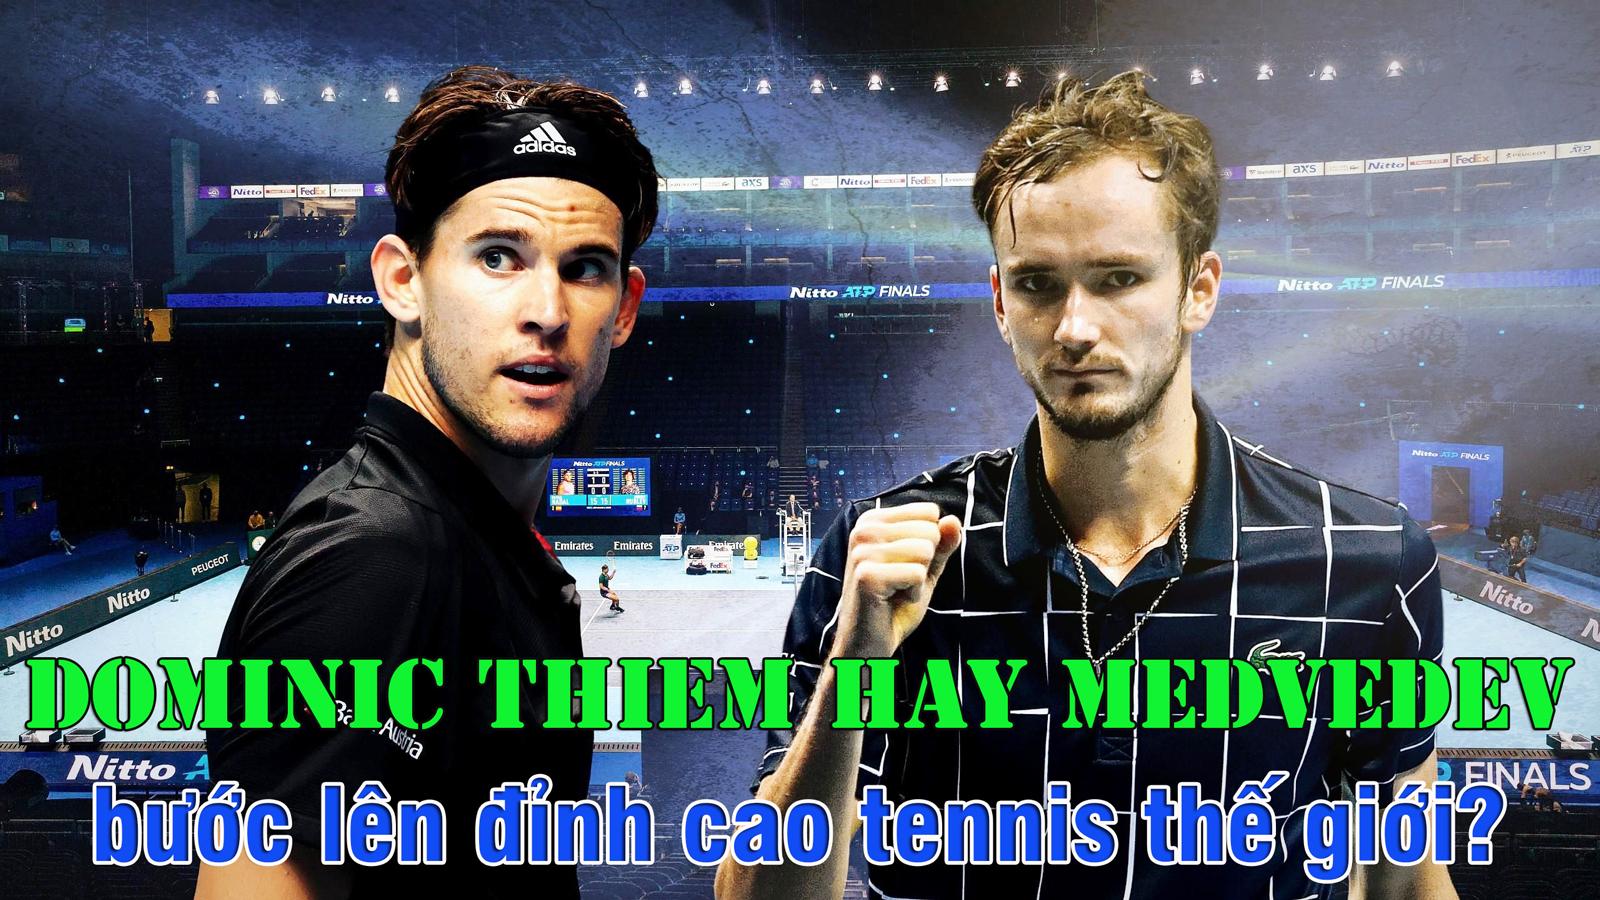 Dominic Thiem hay Medvedev sẽ bước lên đỉnh cao tennis thế giới ? - 1